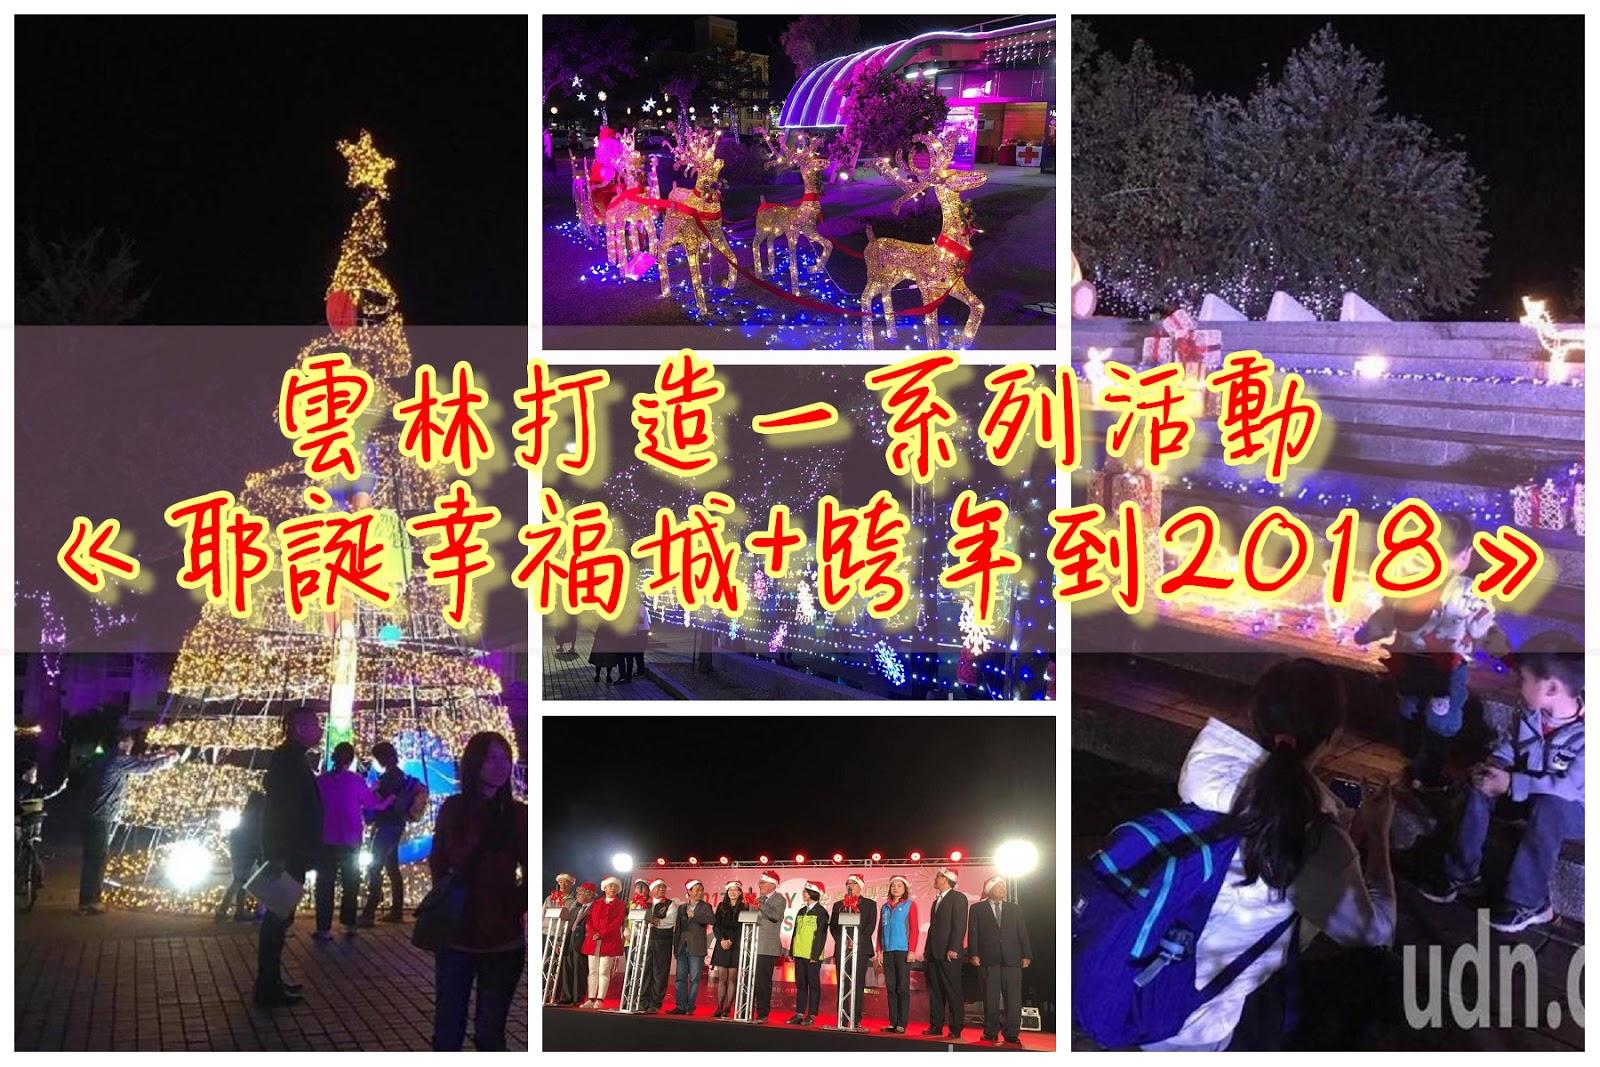 打造雲林光輝12月《耶誕幸福城+跨年到2018》一系列耶誕跨年活動, Merry X'mas & Happy New Year!!